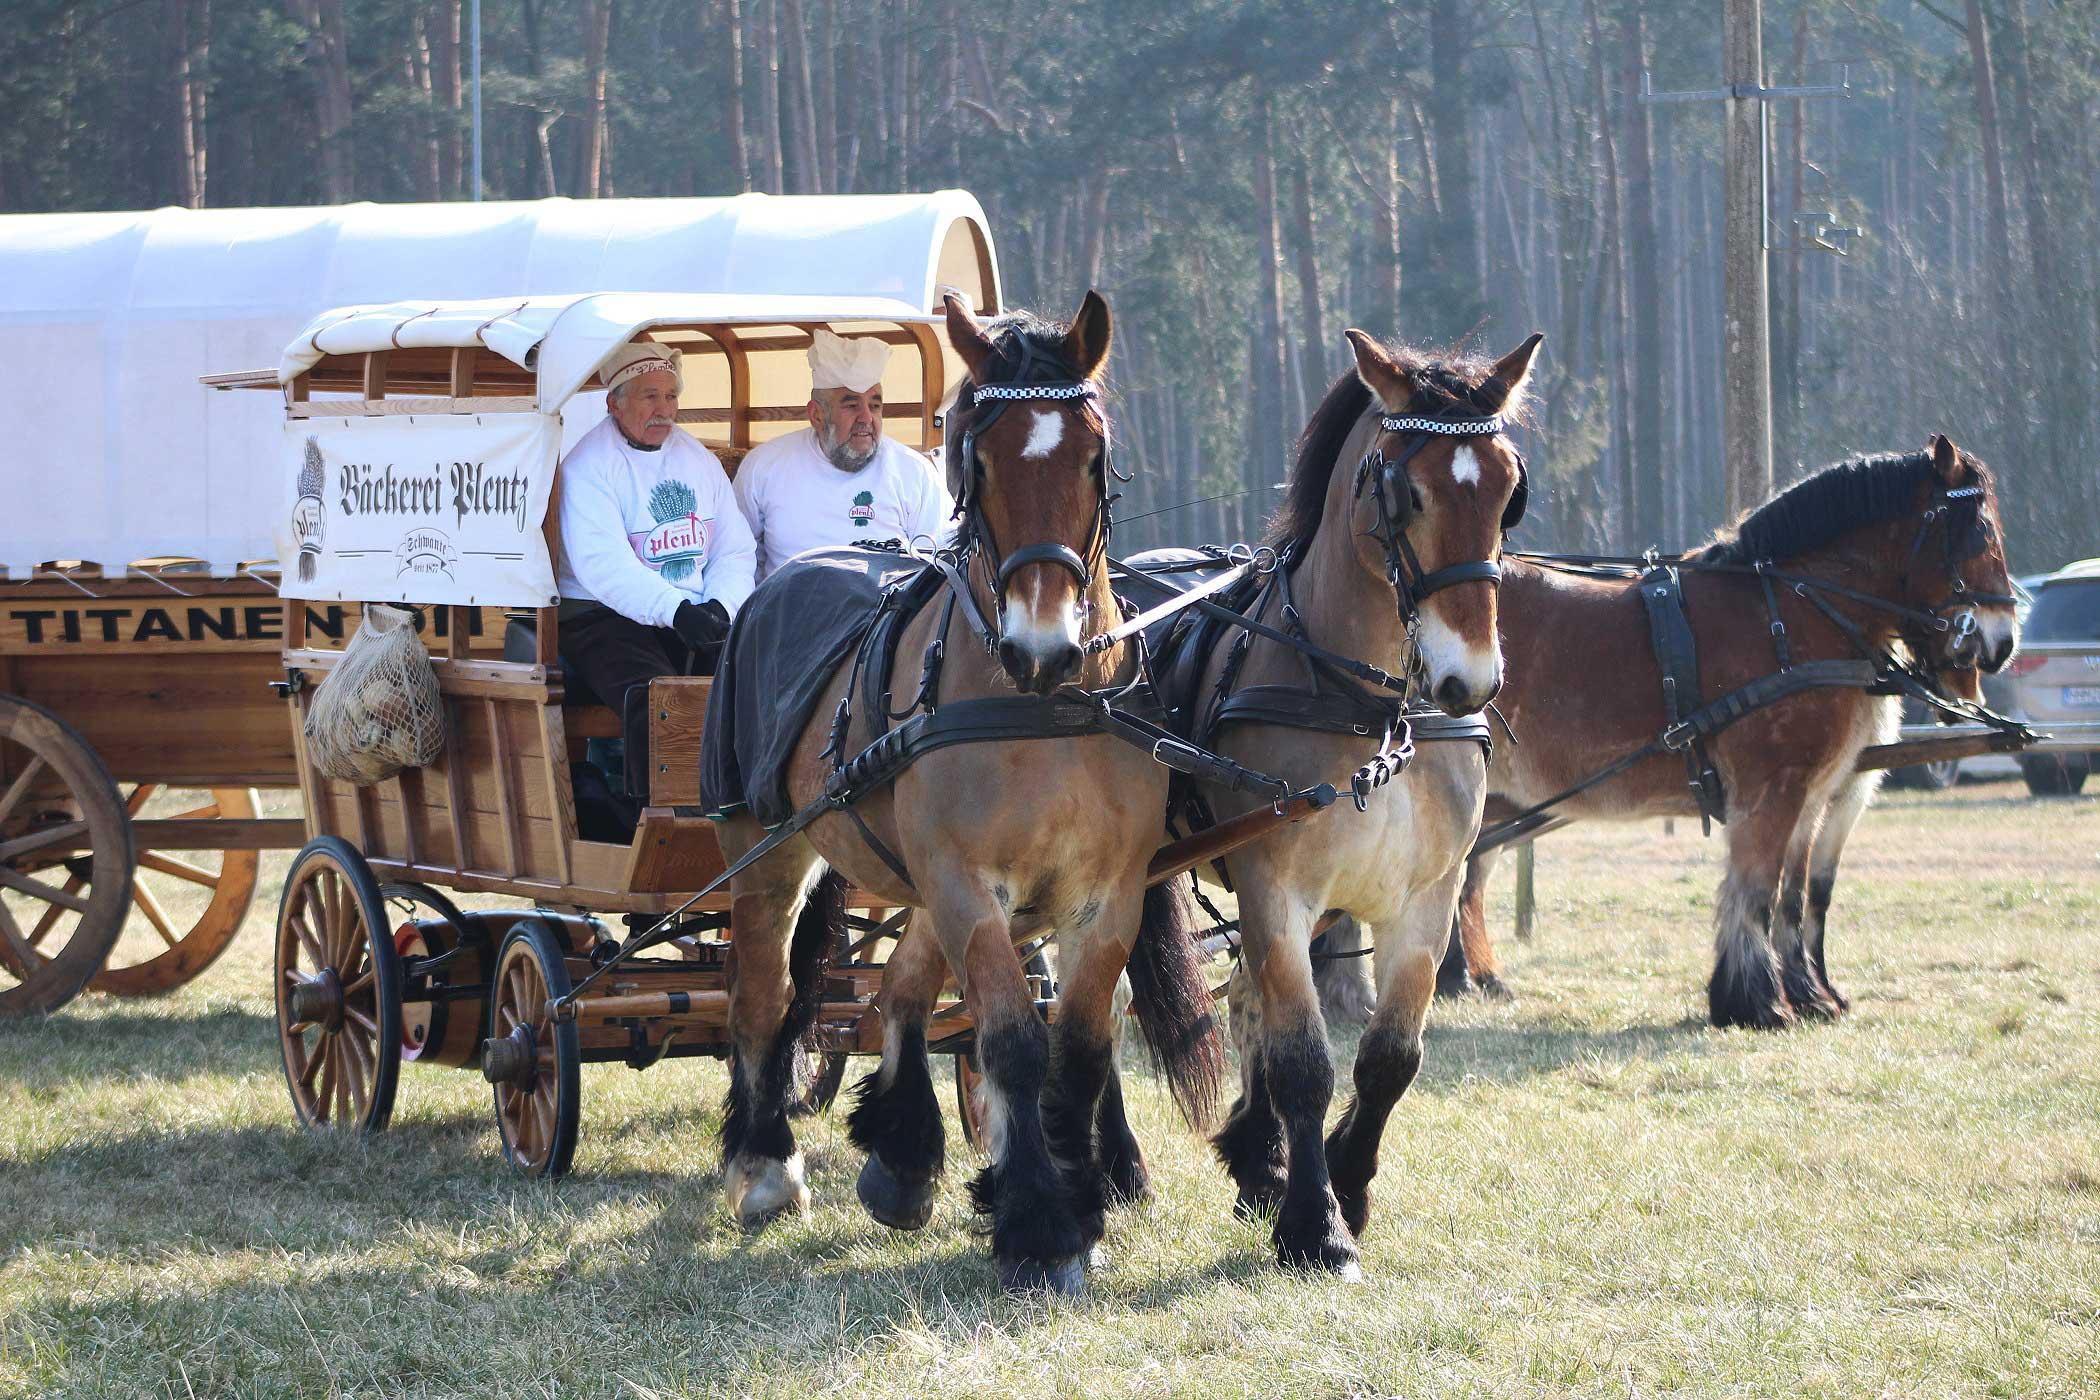 Titanen on tour 2018 - Wagen der Bäckerei Plentz